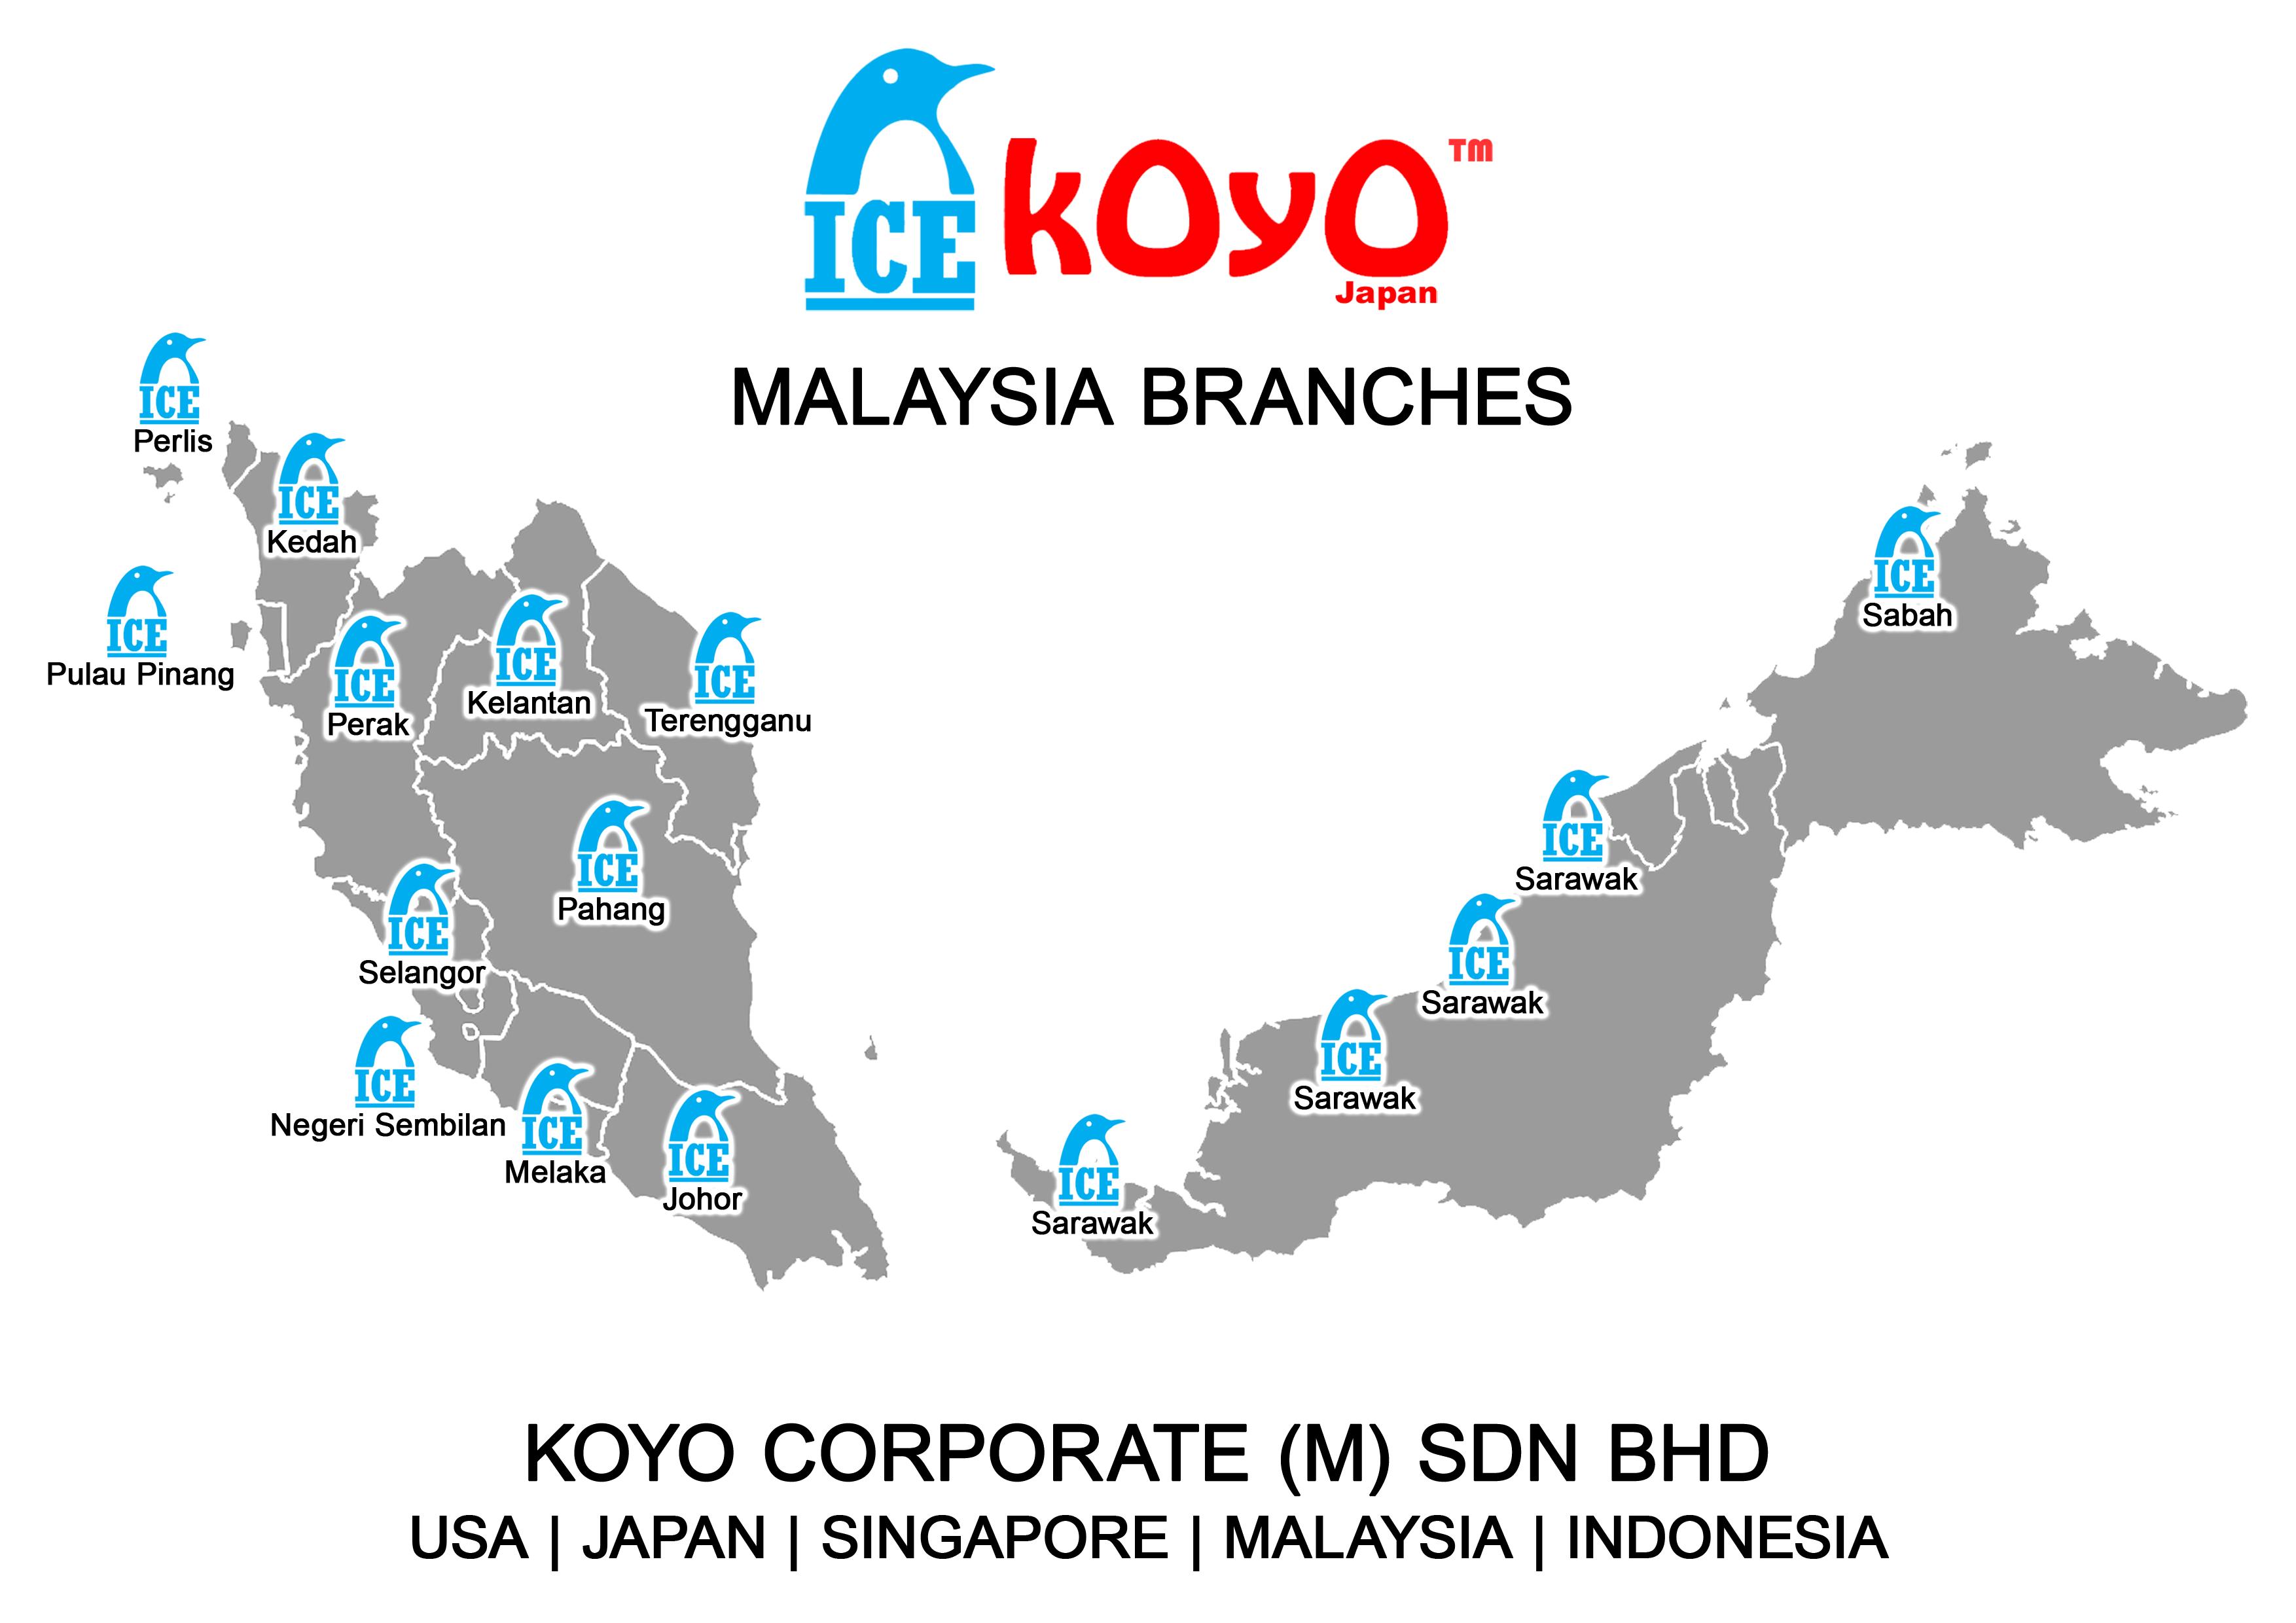 Koyo Ice Network